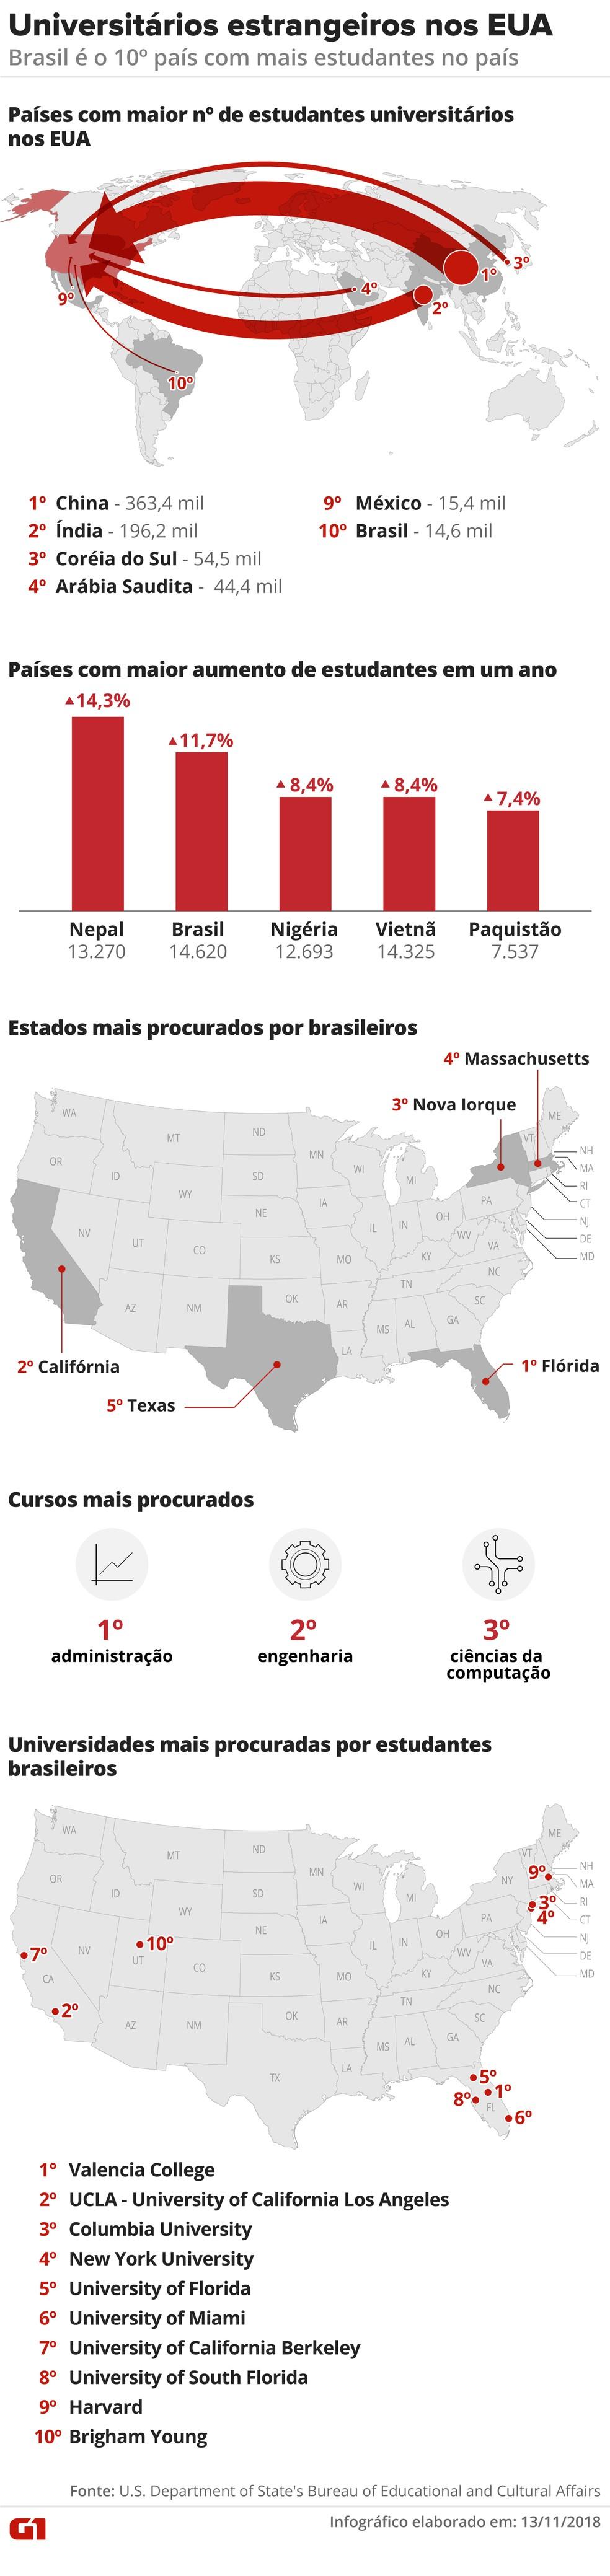 Universitários estrangeiros nos EUA - Brasil é o 10º país com mais estudantes no país — Foto: Arte/G1